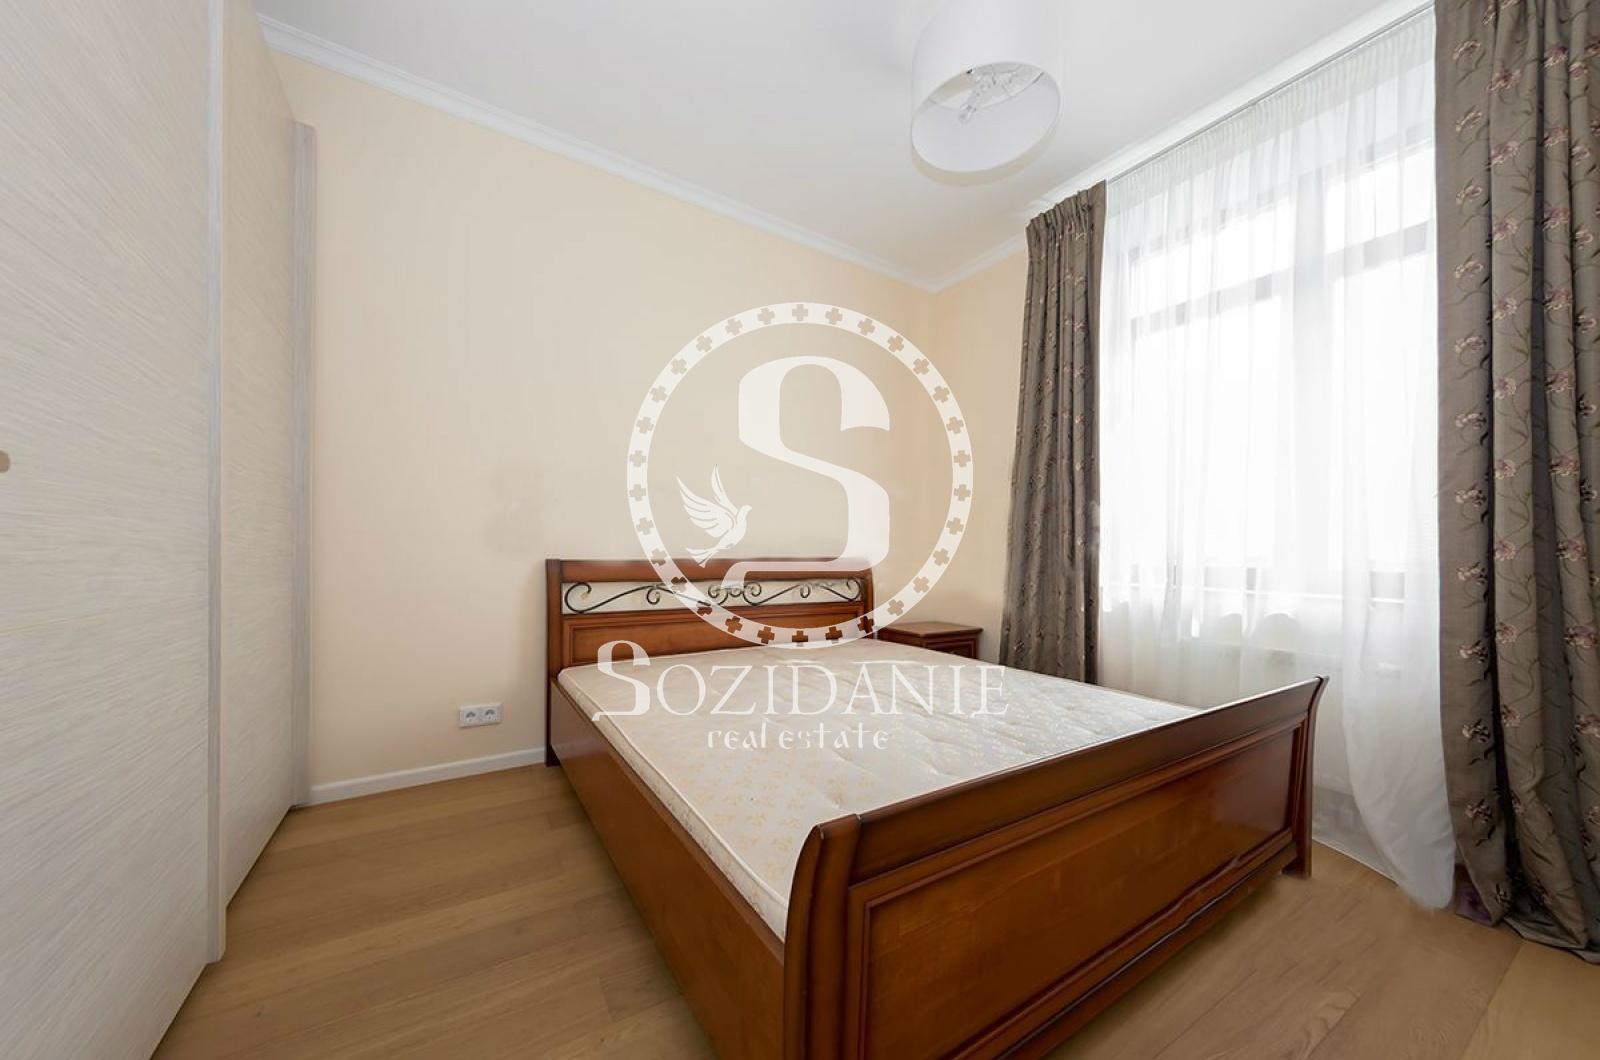 1 Bedrooms, 1 Комнаты, Загородная, Аренда, Listing ID 4032, Московская область, Россия,